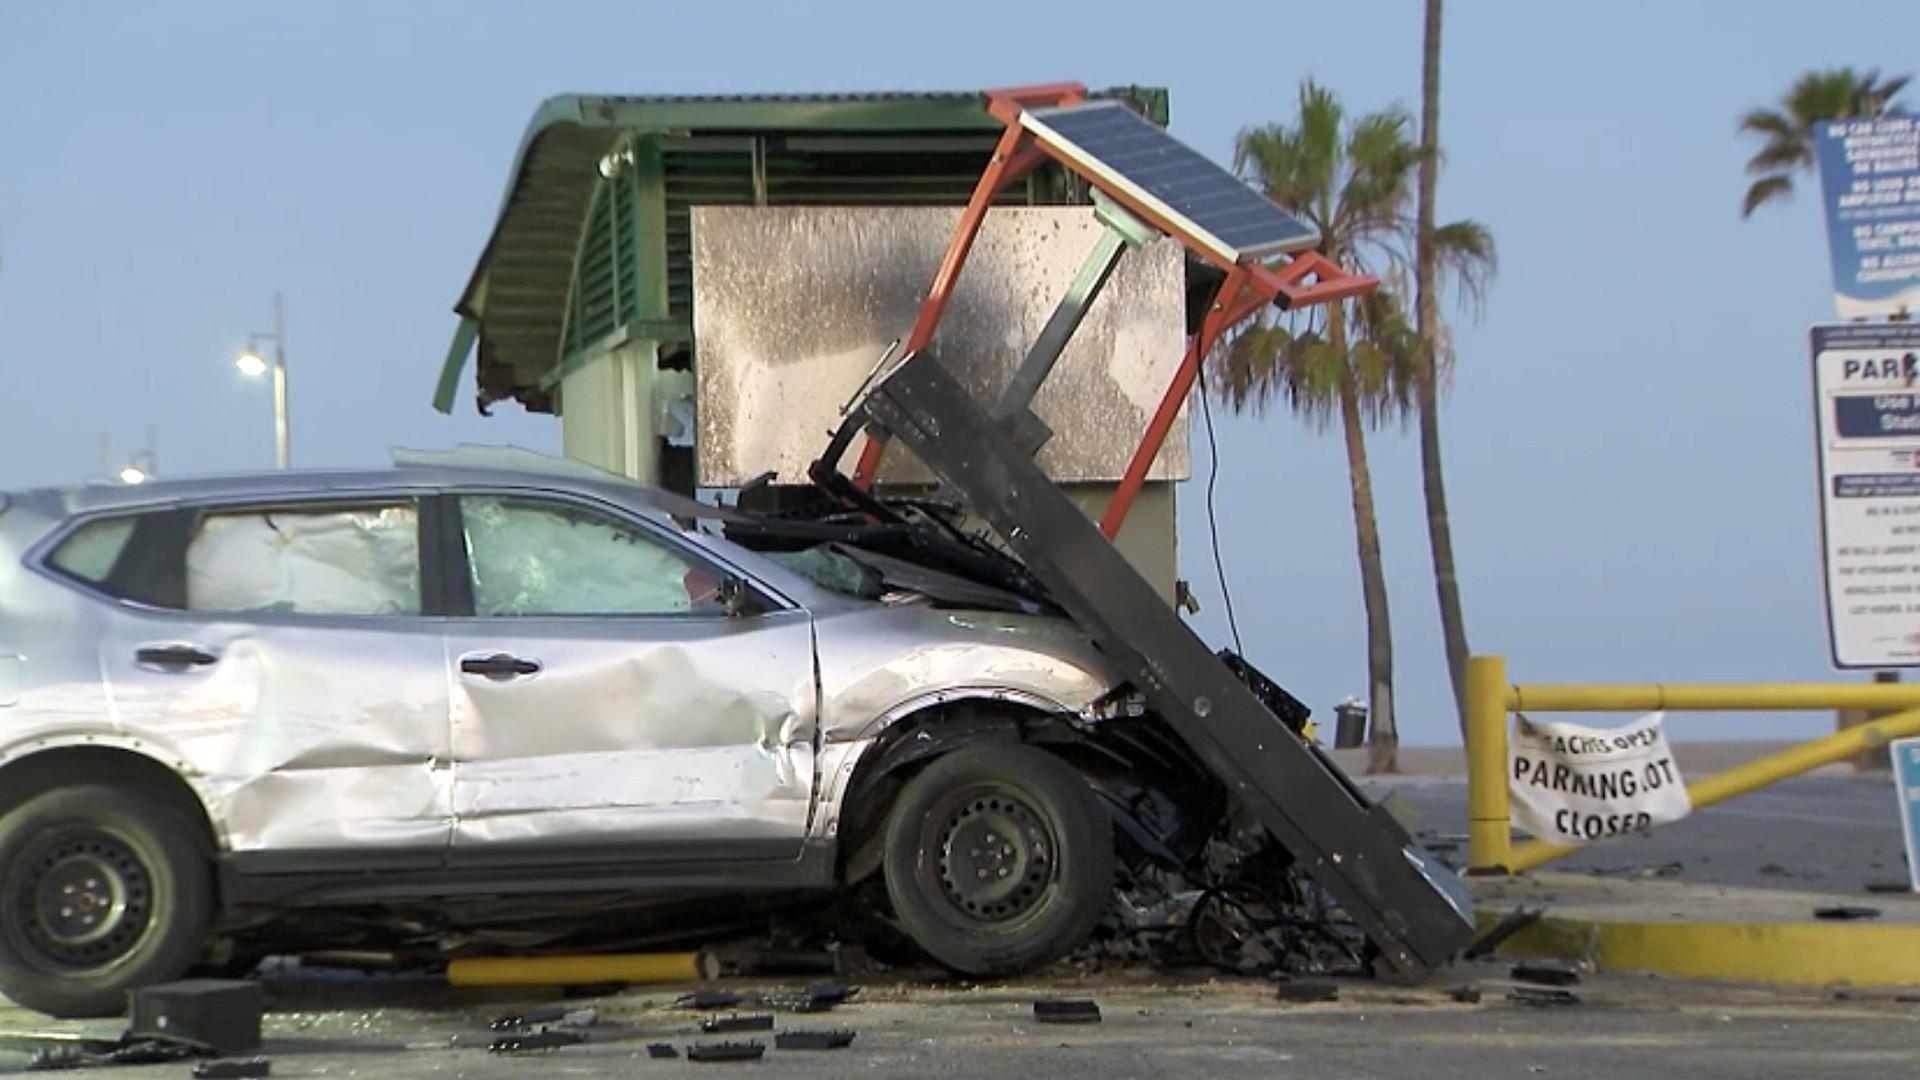 Police investigate a crash in Venice on June 11, 2020. (KTLA)